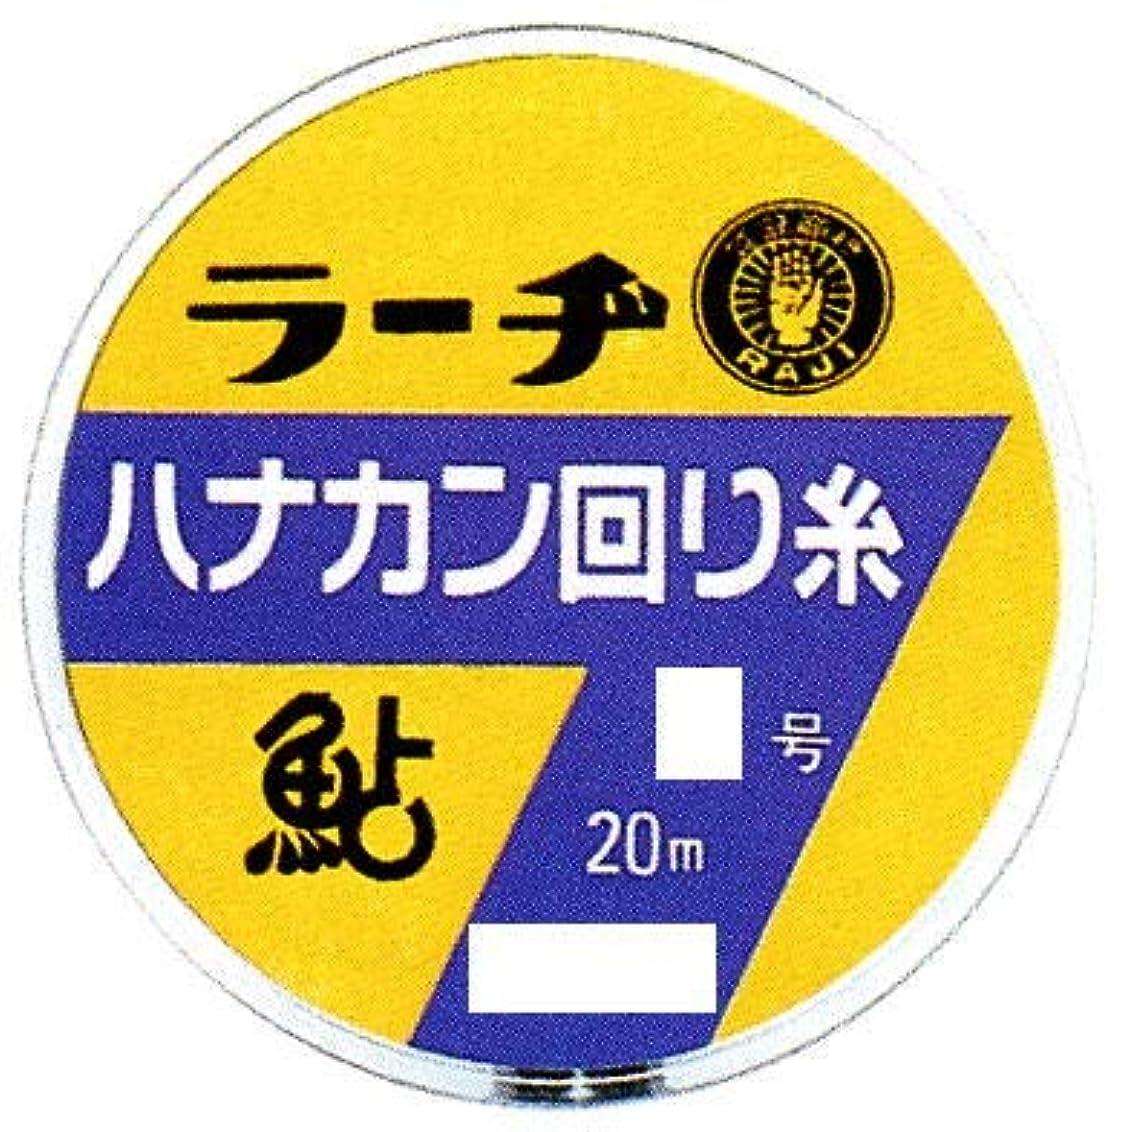 ポケットトレース絶対のラーヂ ハナカン回り糸(ナイロン) 1.5